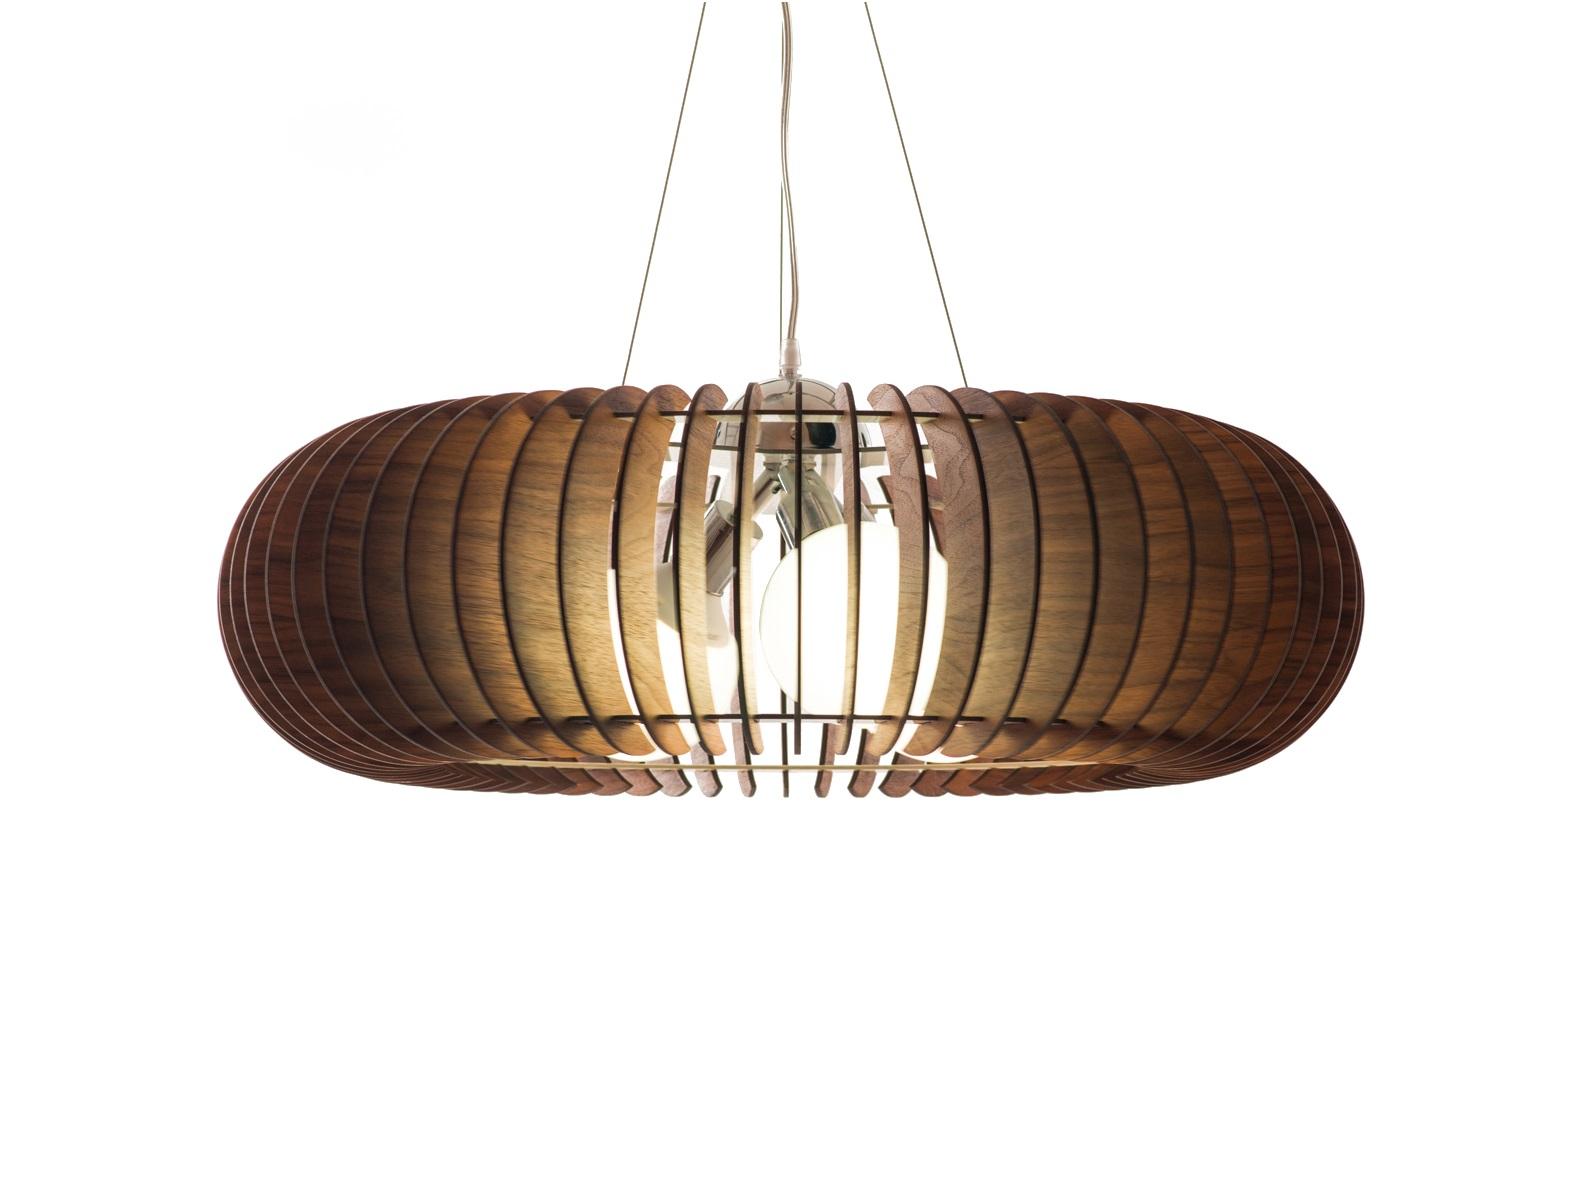 Светильник СпутникПодвесные светильники<br>Элегантная открытая форма люстры позволяет монтировать ее в разных помещениях как по стилю, так и по площади. Использование деревянных ламелей в сочетании с хромированной фурнитурой предают светильнику орбитальную невесомость.&amp;amp;nbsp;&amp;lt;div&amp;gt;&amp;lt;br&amp;gt;&amp;lt;/div&amp;gt;&amp;lt;div&amp;gt;&amp;lt;div&amp;gt;Вид цоколя: E27&amp;lt;/div&amp;gt;&amp;lt;div&amp;gt;Мощность: &amp;amp;nbsp;60W&amp;amp;nbsp;&amp;lt;/div&amp;gt;&amp;lt;div&amp;gt;Количество ламп: 3 (нет в комплекте)&amp;lt;/div&amp;gt;&amp;lt;/div&amp;gt;<br><br>Material: Шпон